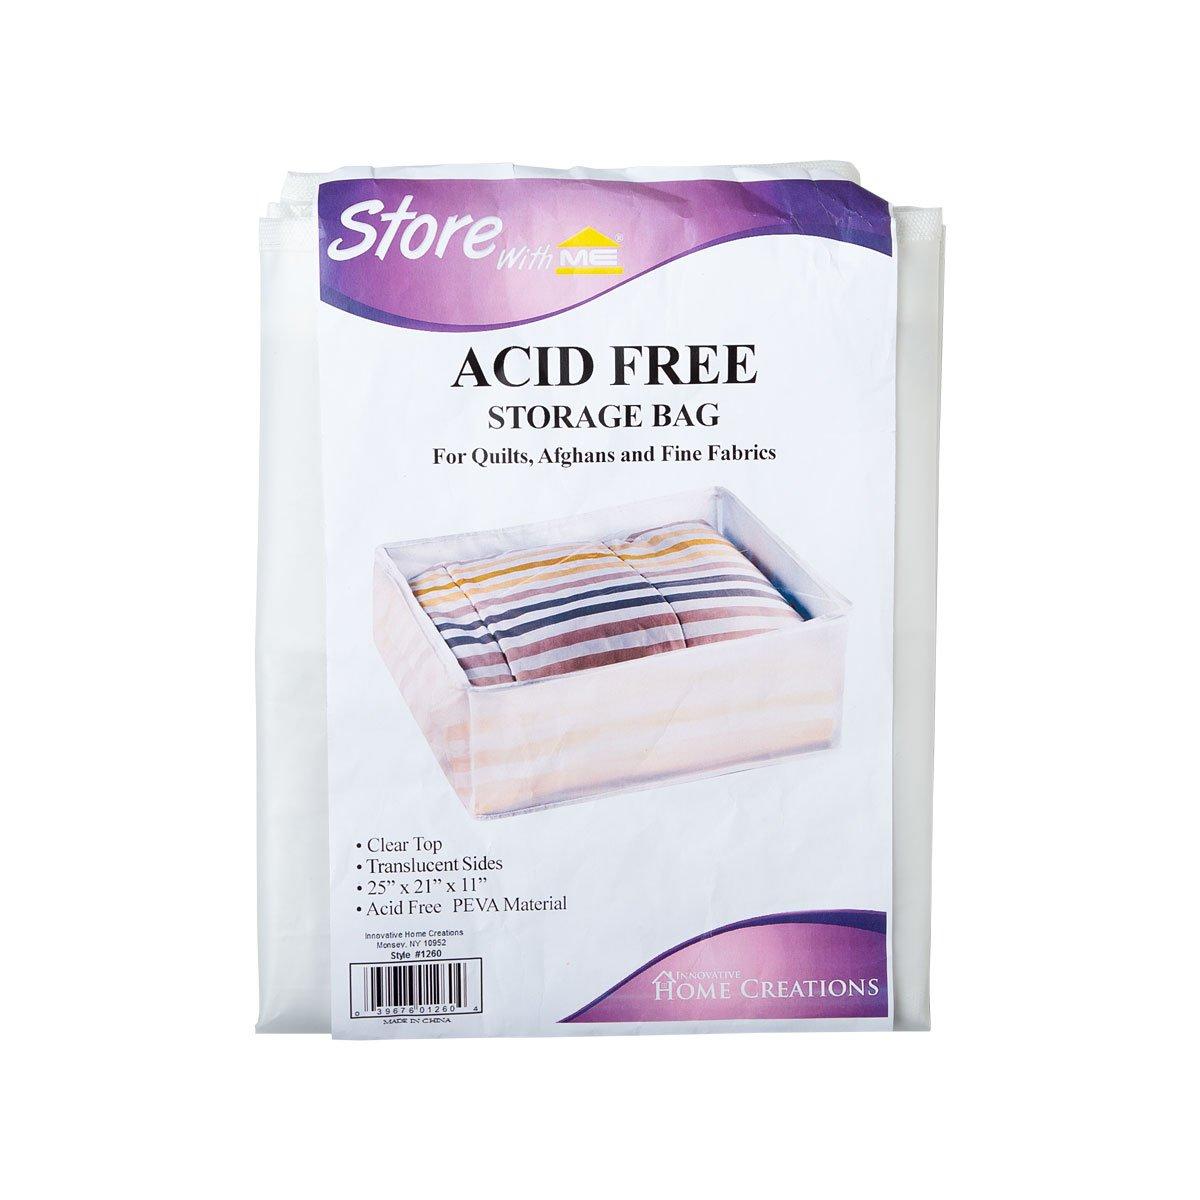 c2482a91bdf4 Acid Free Storage Bag | ConnectingThreads.com